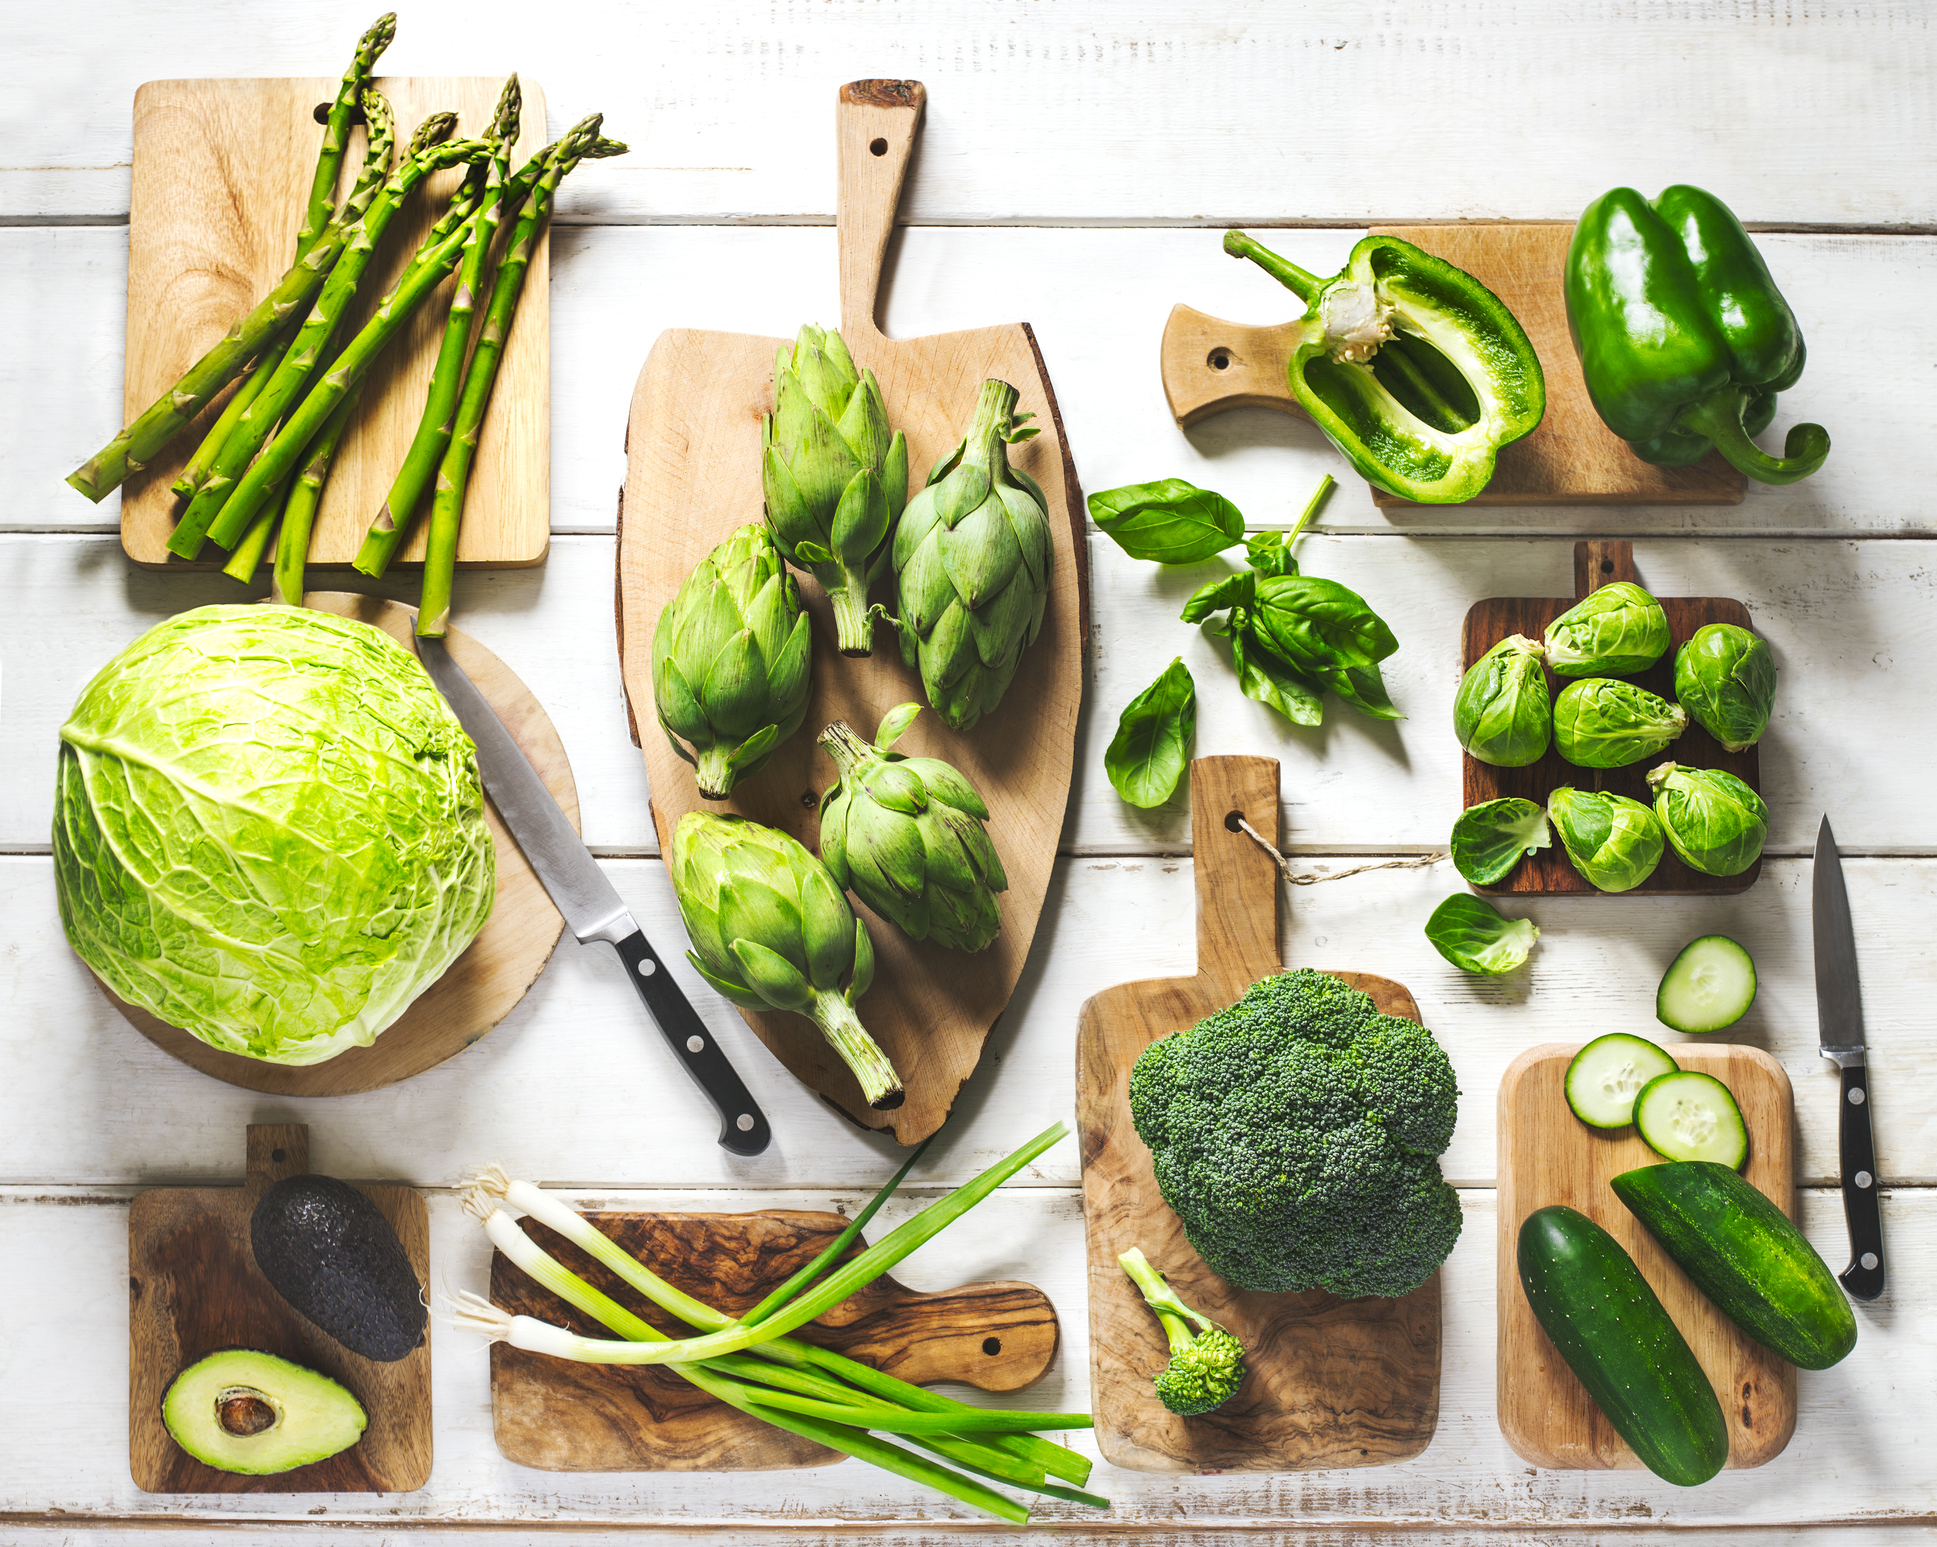 カッティングボードにアスパラガスやブロッコリー、キャベツなど緑色の野菜がのっている